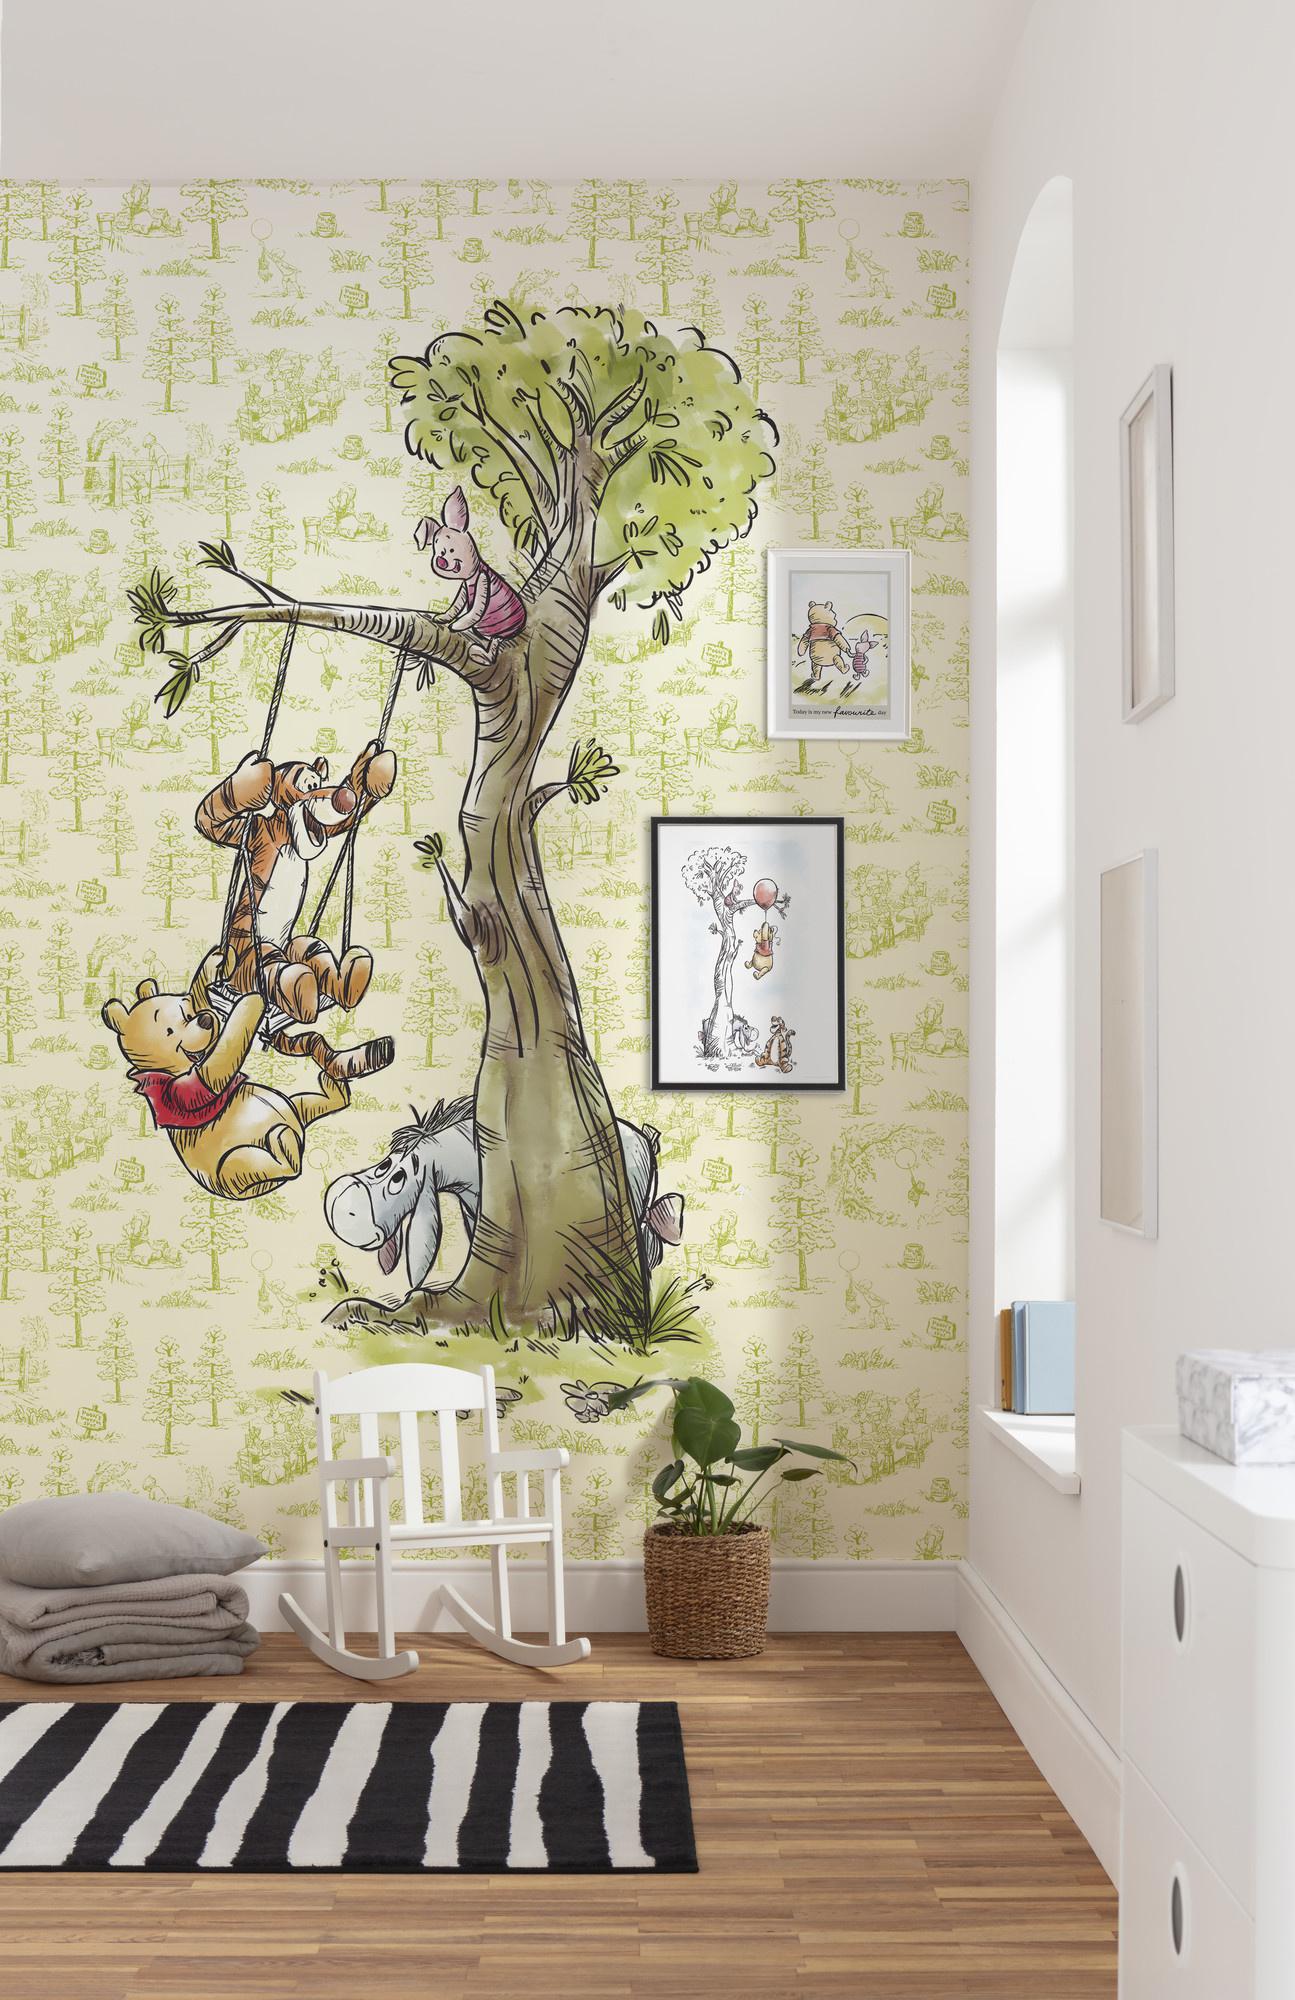 Disney Edition 4 Kinderbehang Komar - Kinderkamer behang Winnie Pooh in the wood